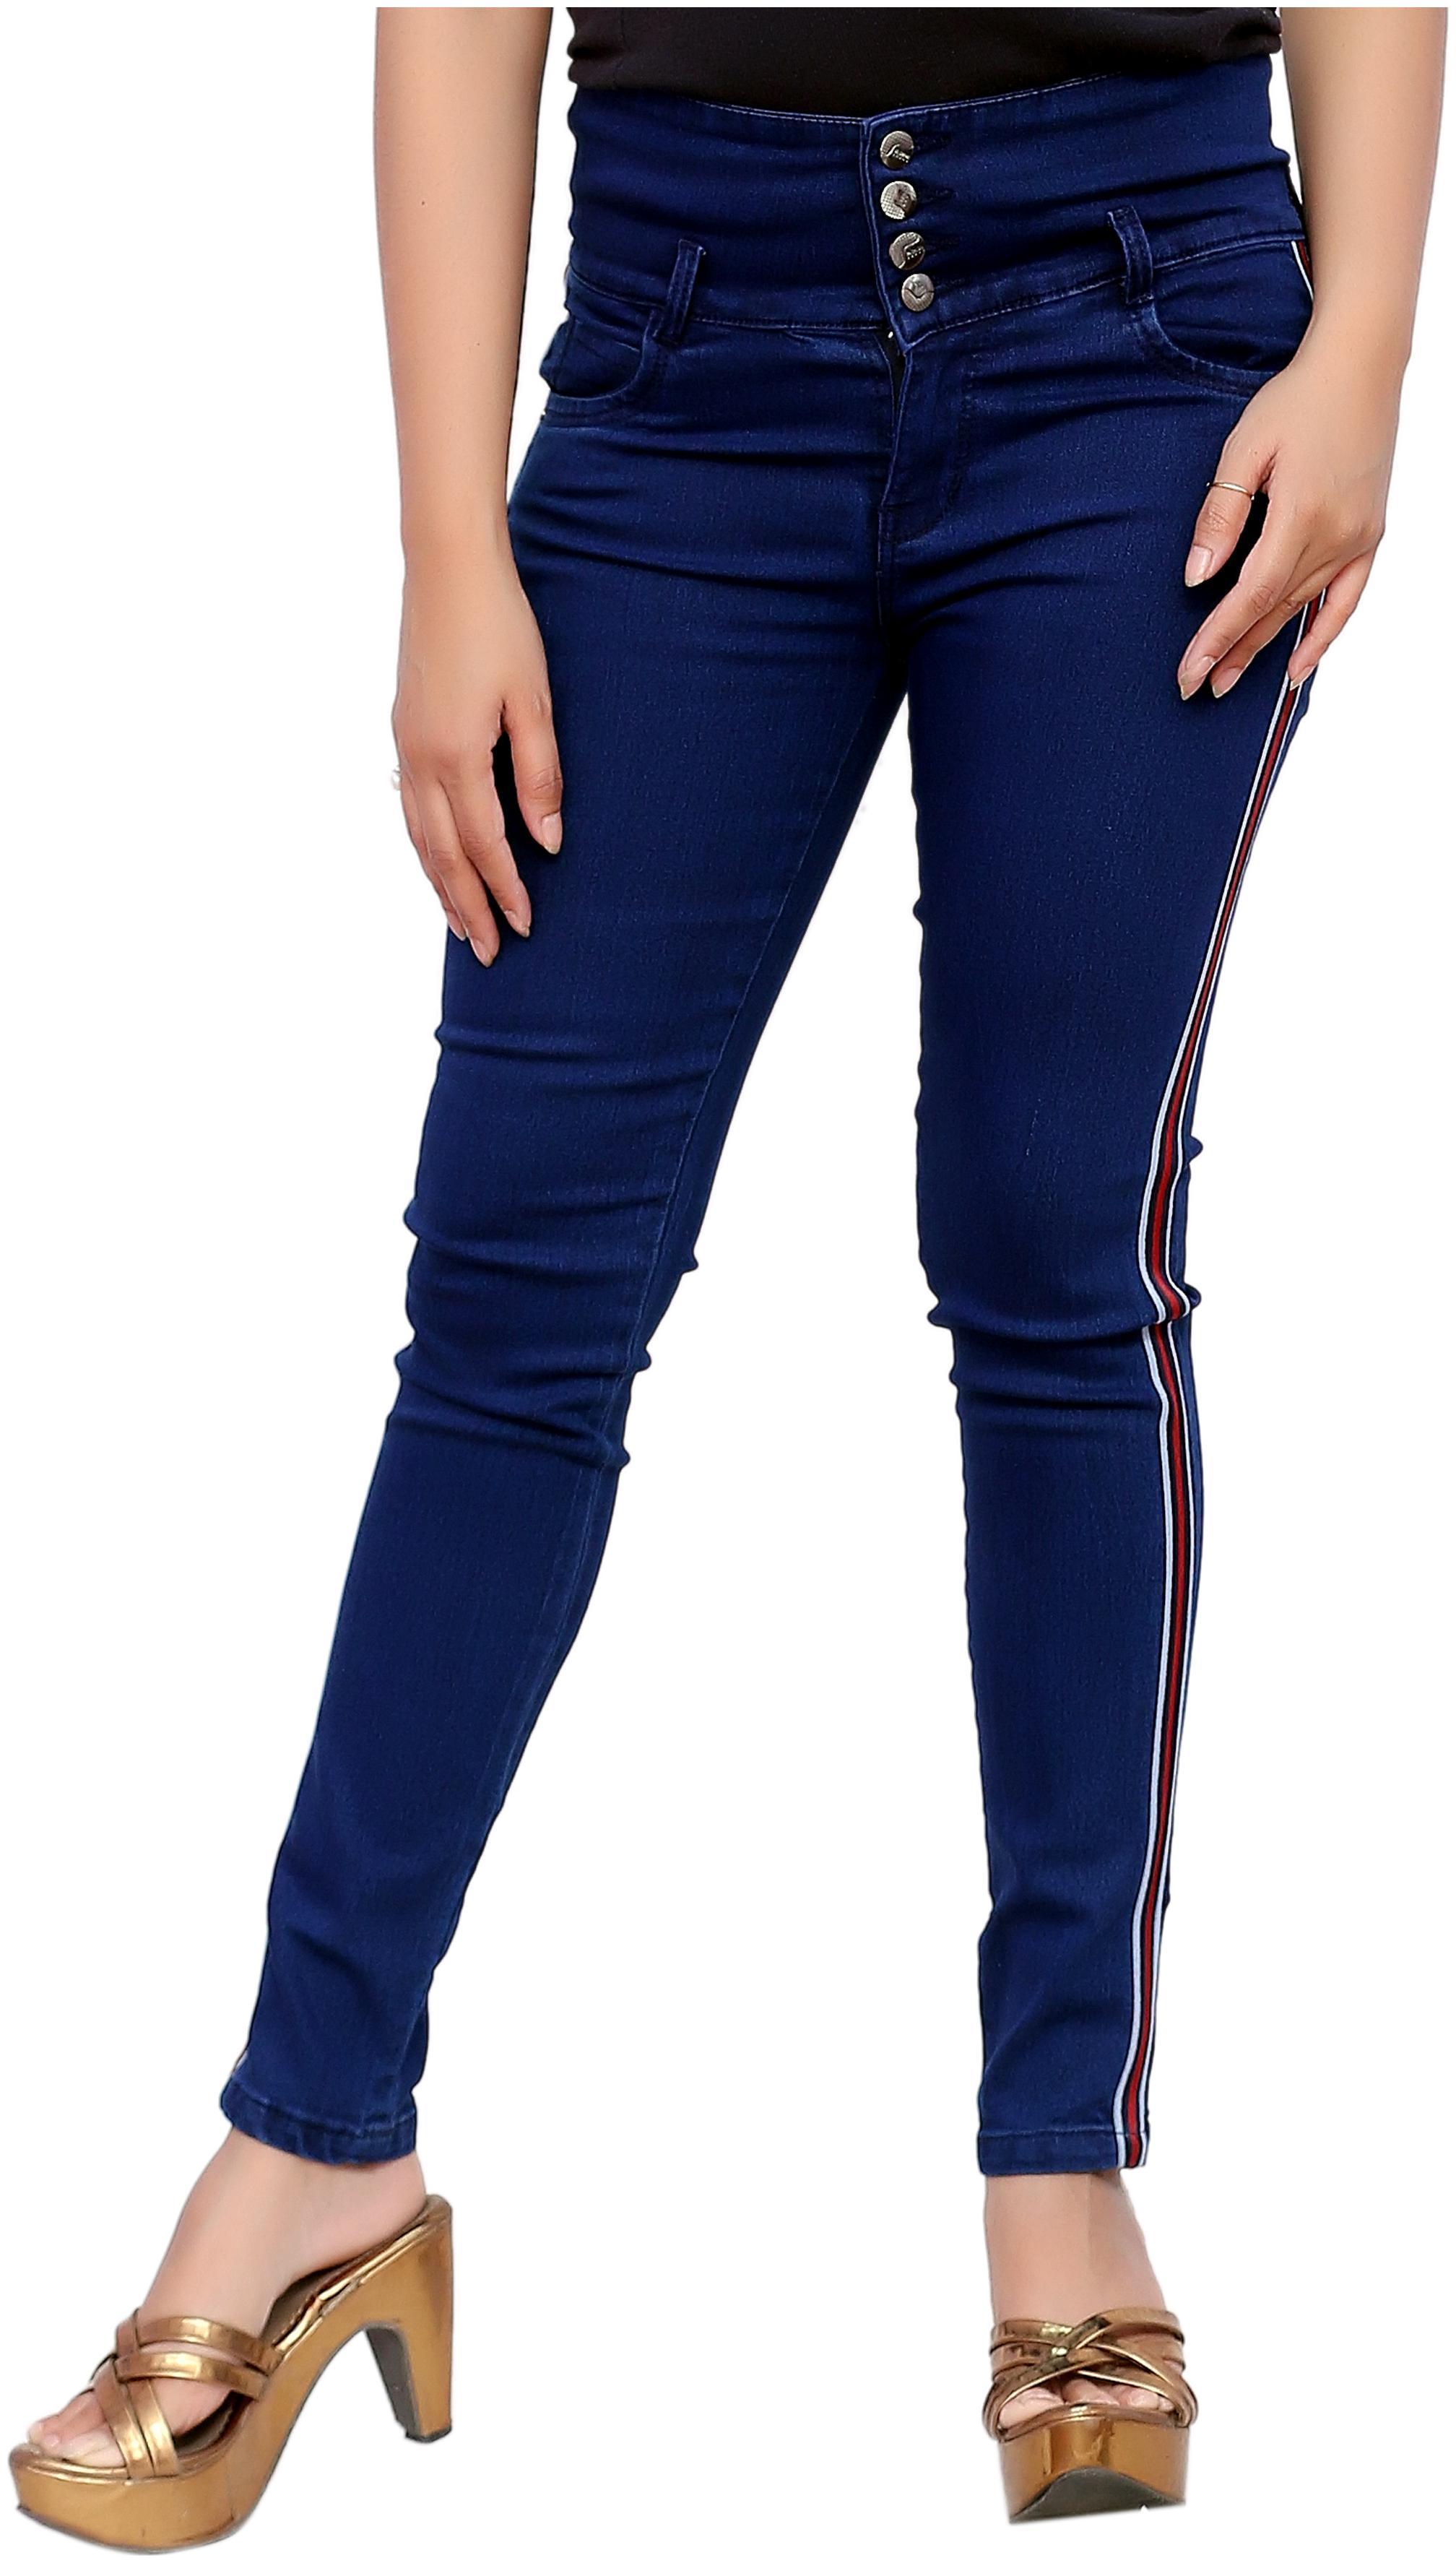 Elendra jeans Women Blue Slim fit Jeans